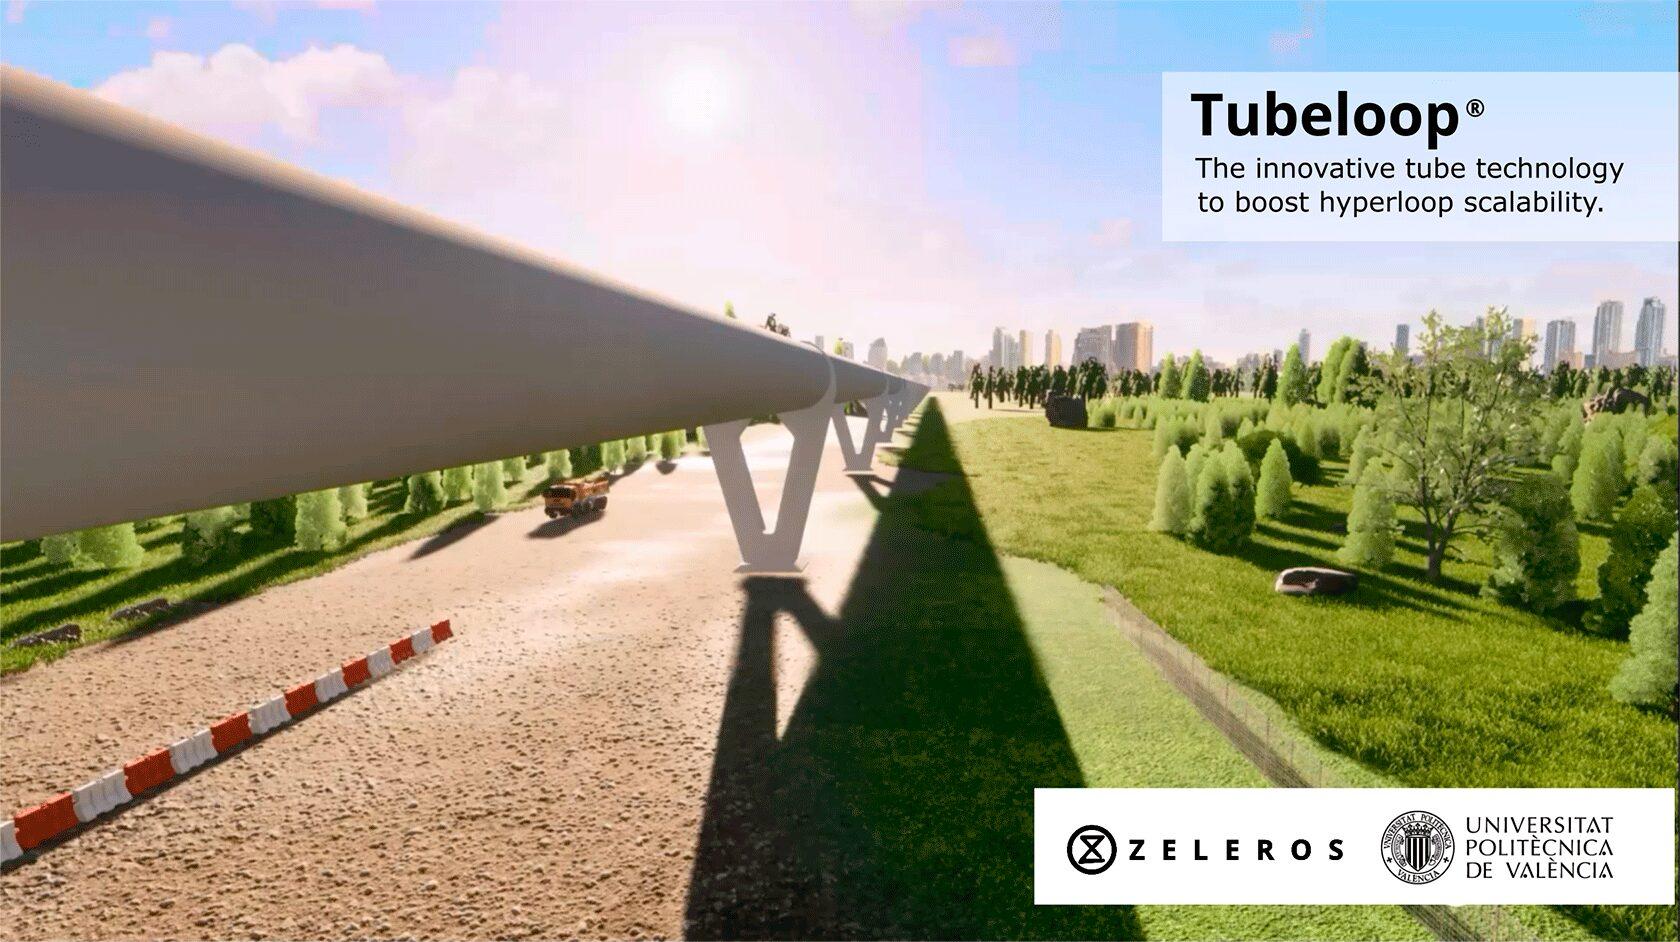 Tubeloop Zeleros & UPV